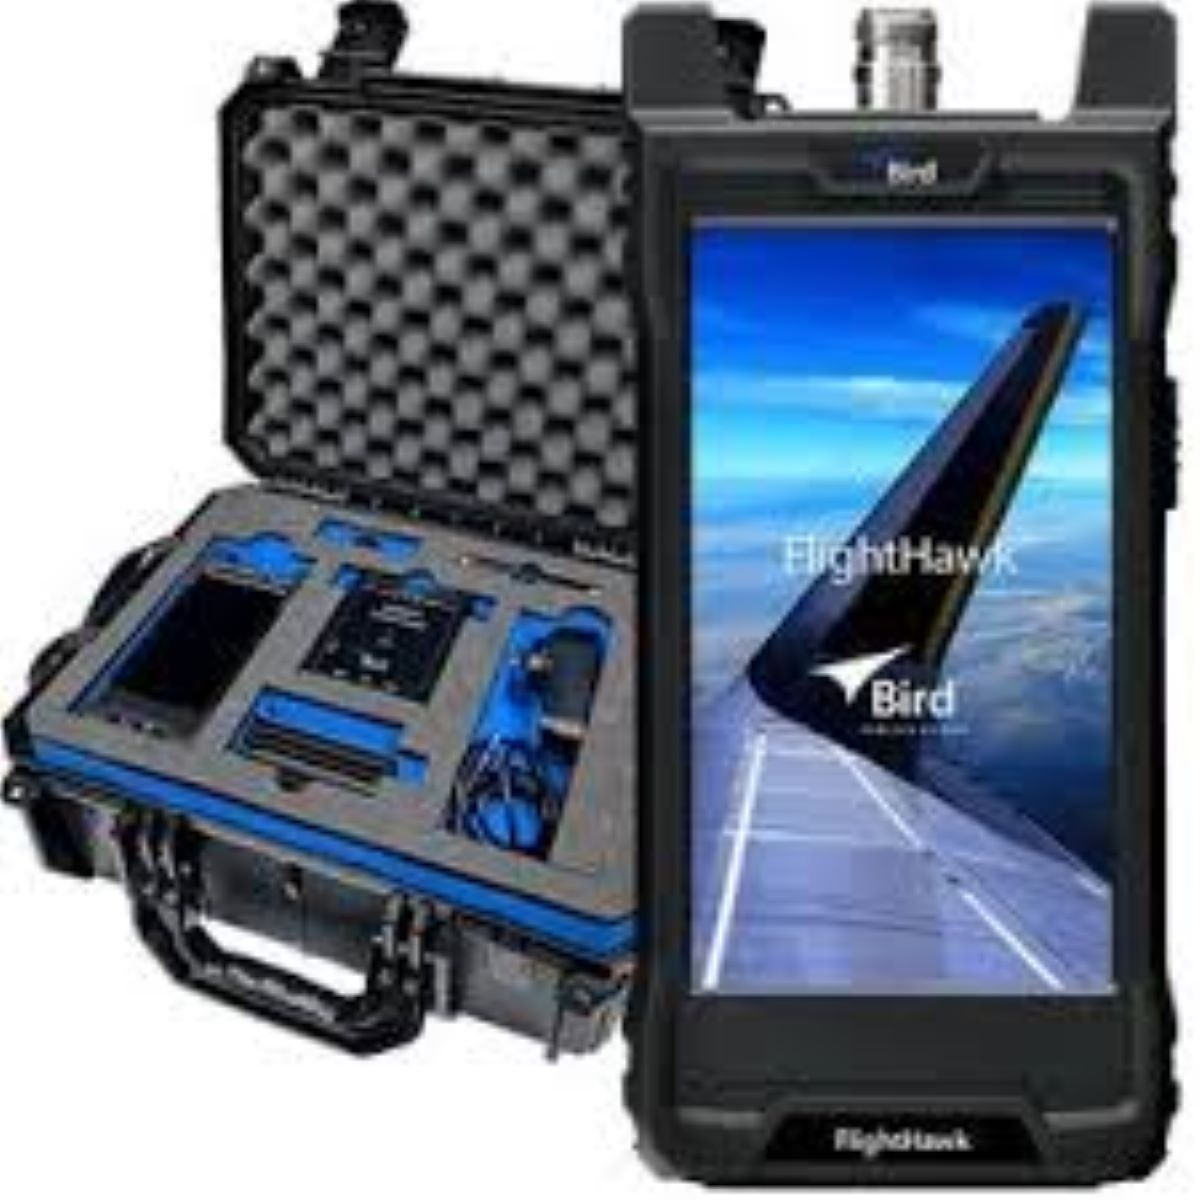 Analizador de cables y antenas RF aeronautico Bird FlighHawk FH-AV-KIT 1 MHz 6 GHz